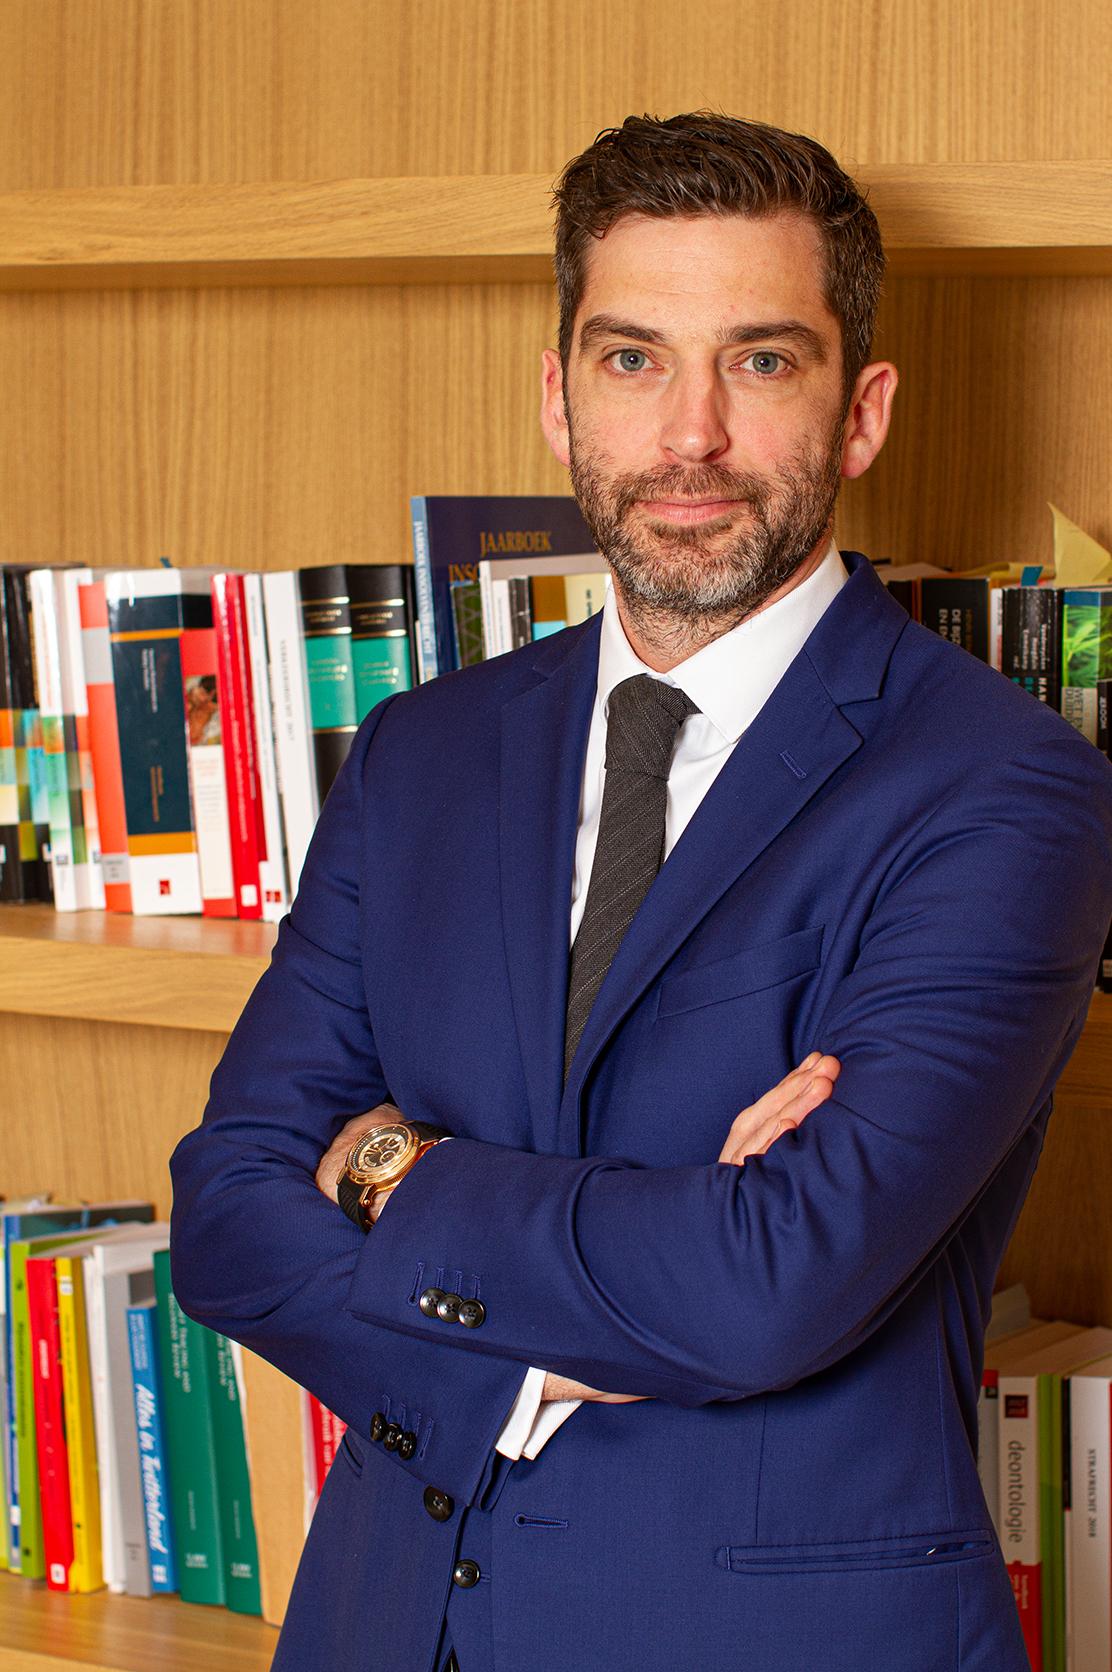 Jorgen Van Laer advocaat arbeidsrecht